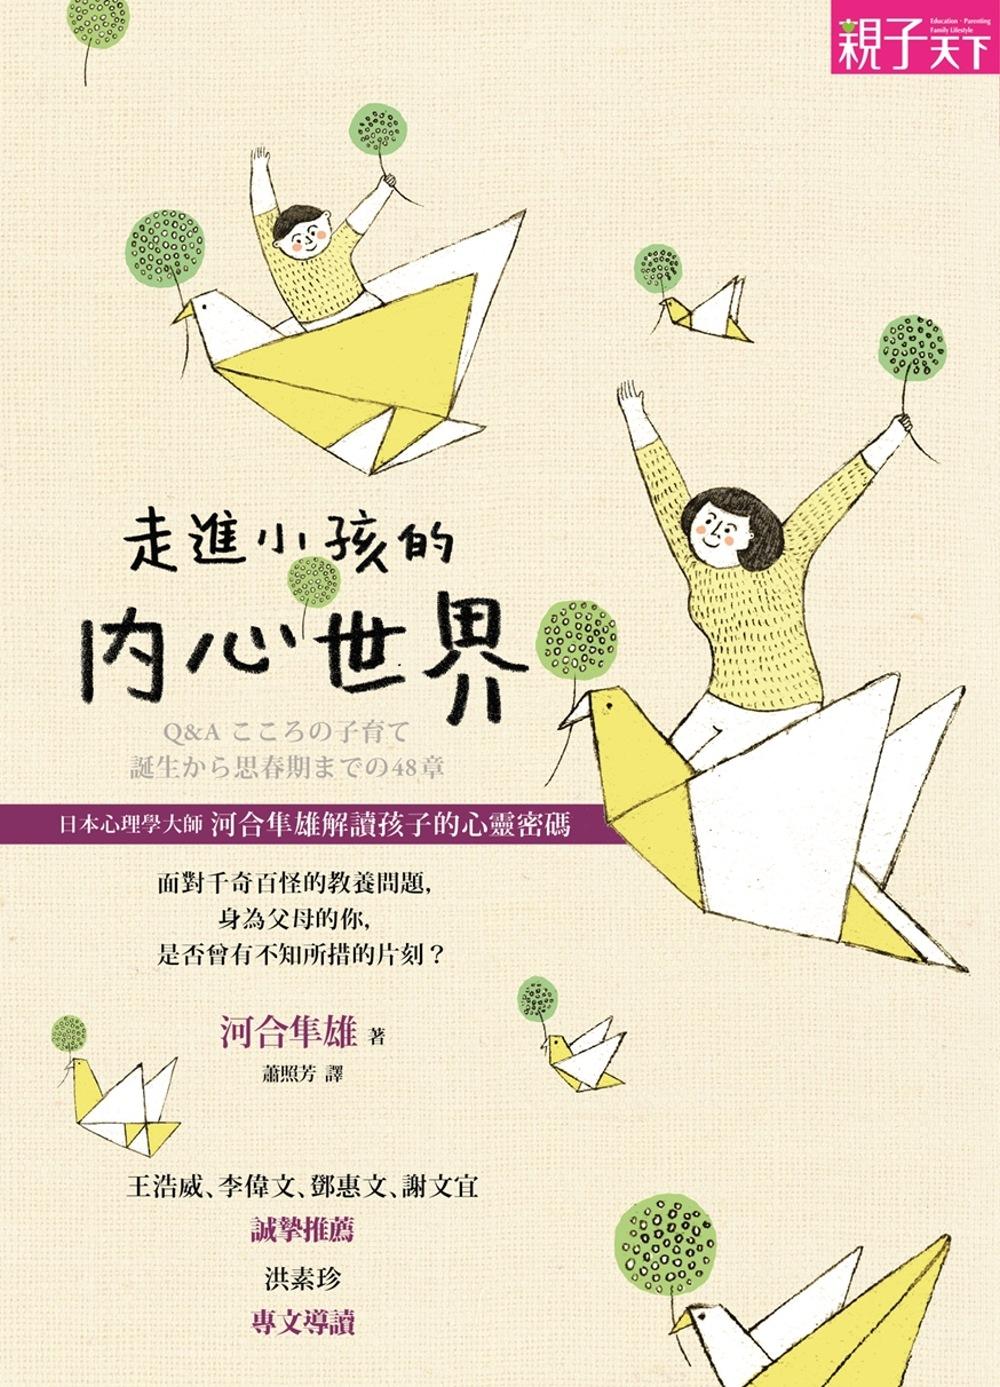 走進小孩的內心世界:日本心理學大師河合隼雄解讀孩子的心靈密碼